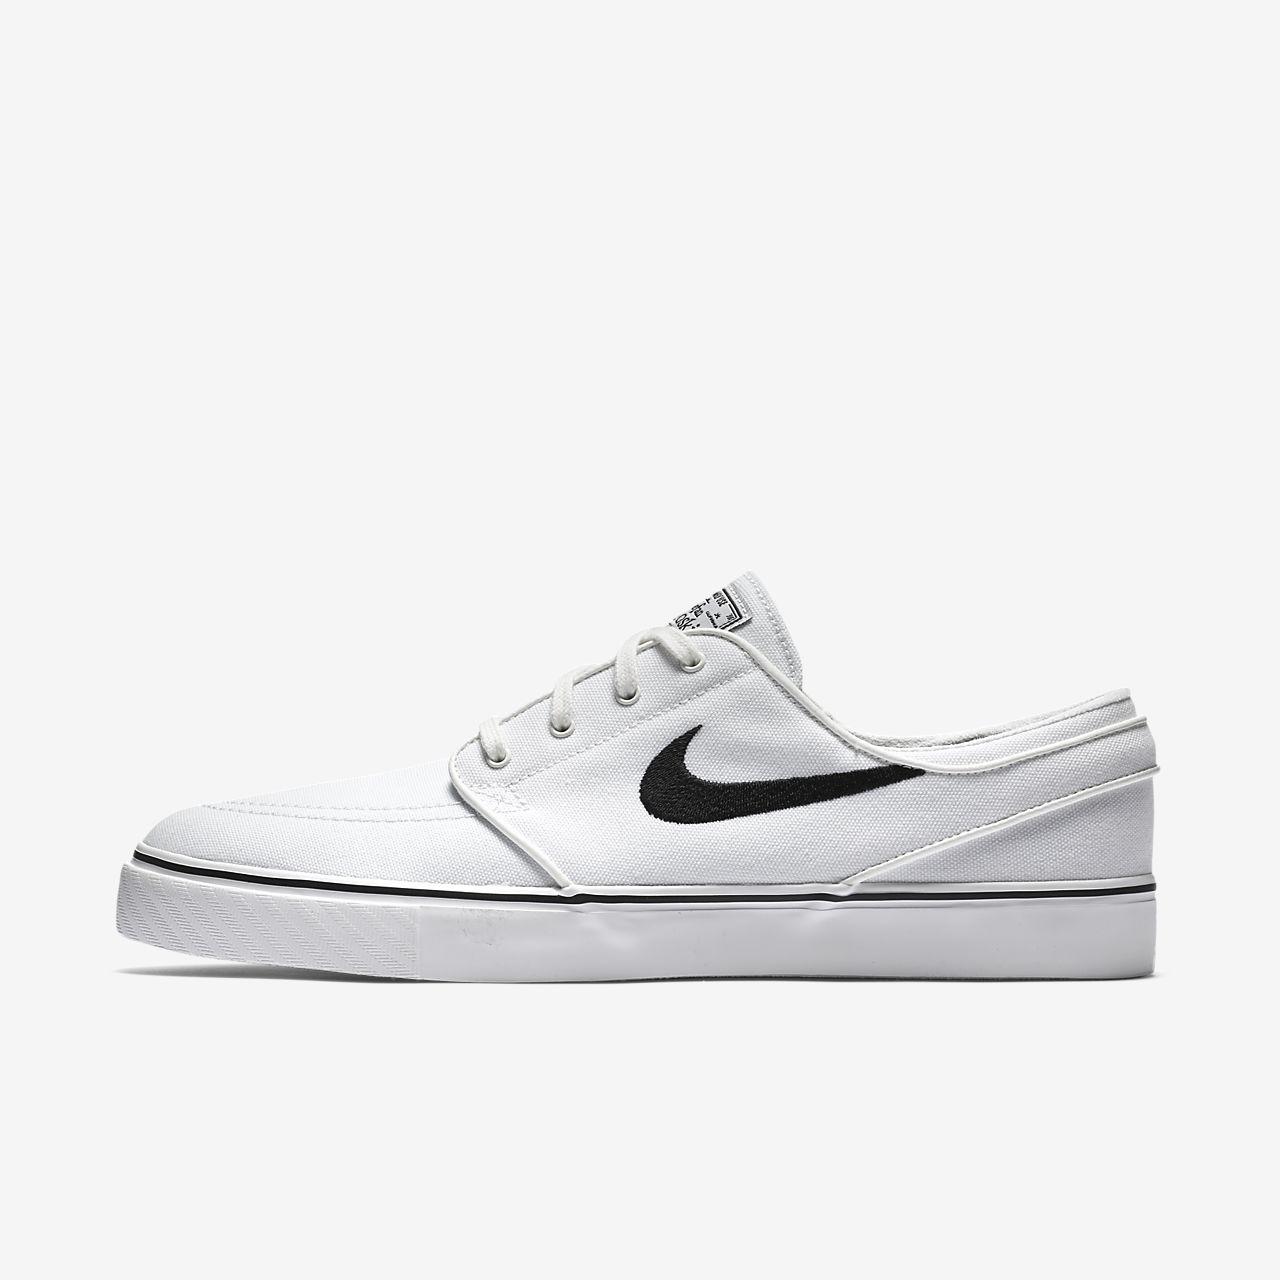 ... Nike SB Zoom Stefan Janoski Canvas Men's Skateboarding Shoe